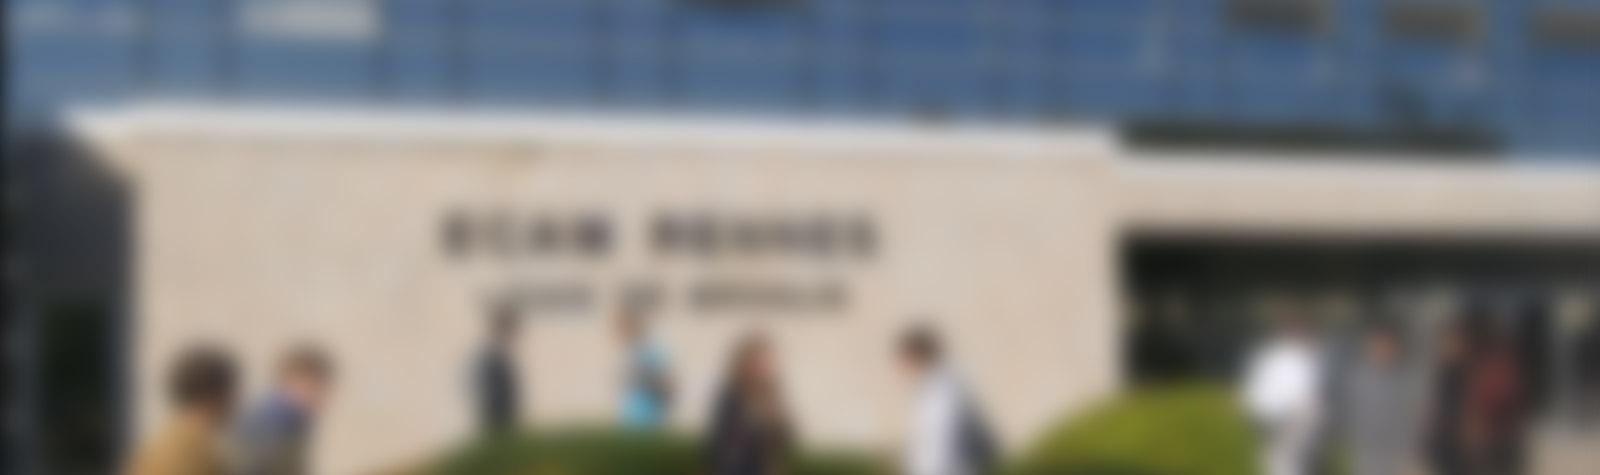 JPO : Rencontrer sa future grande école d'ingénieur pour la rentrée 2022